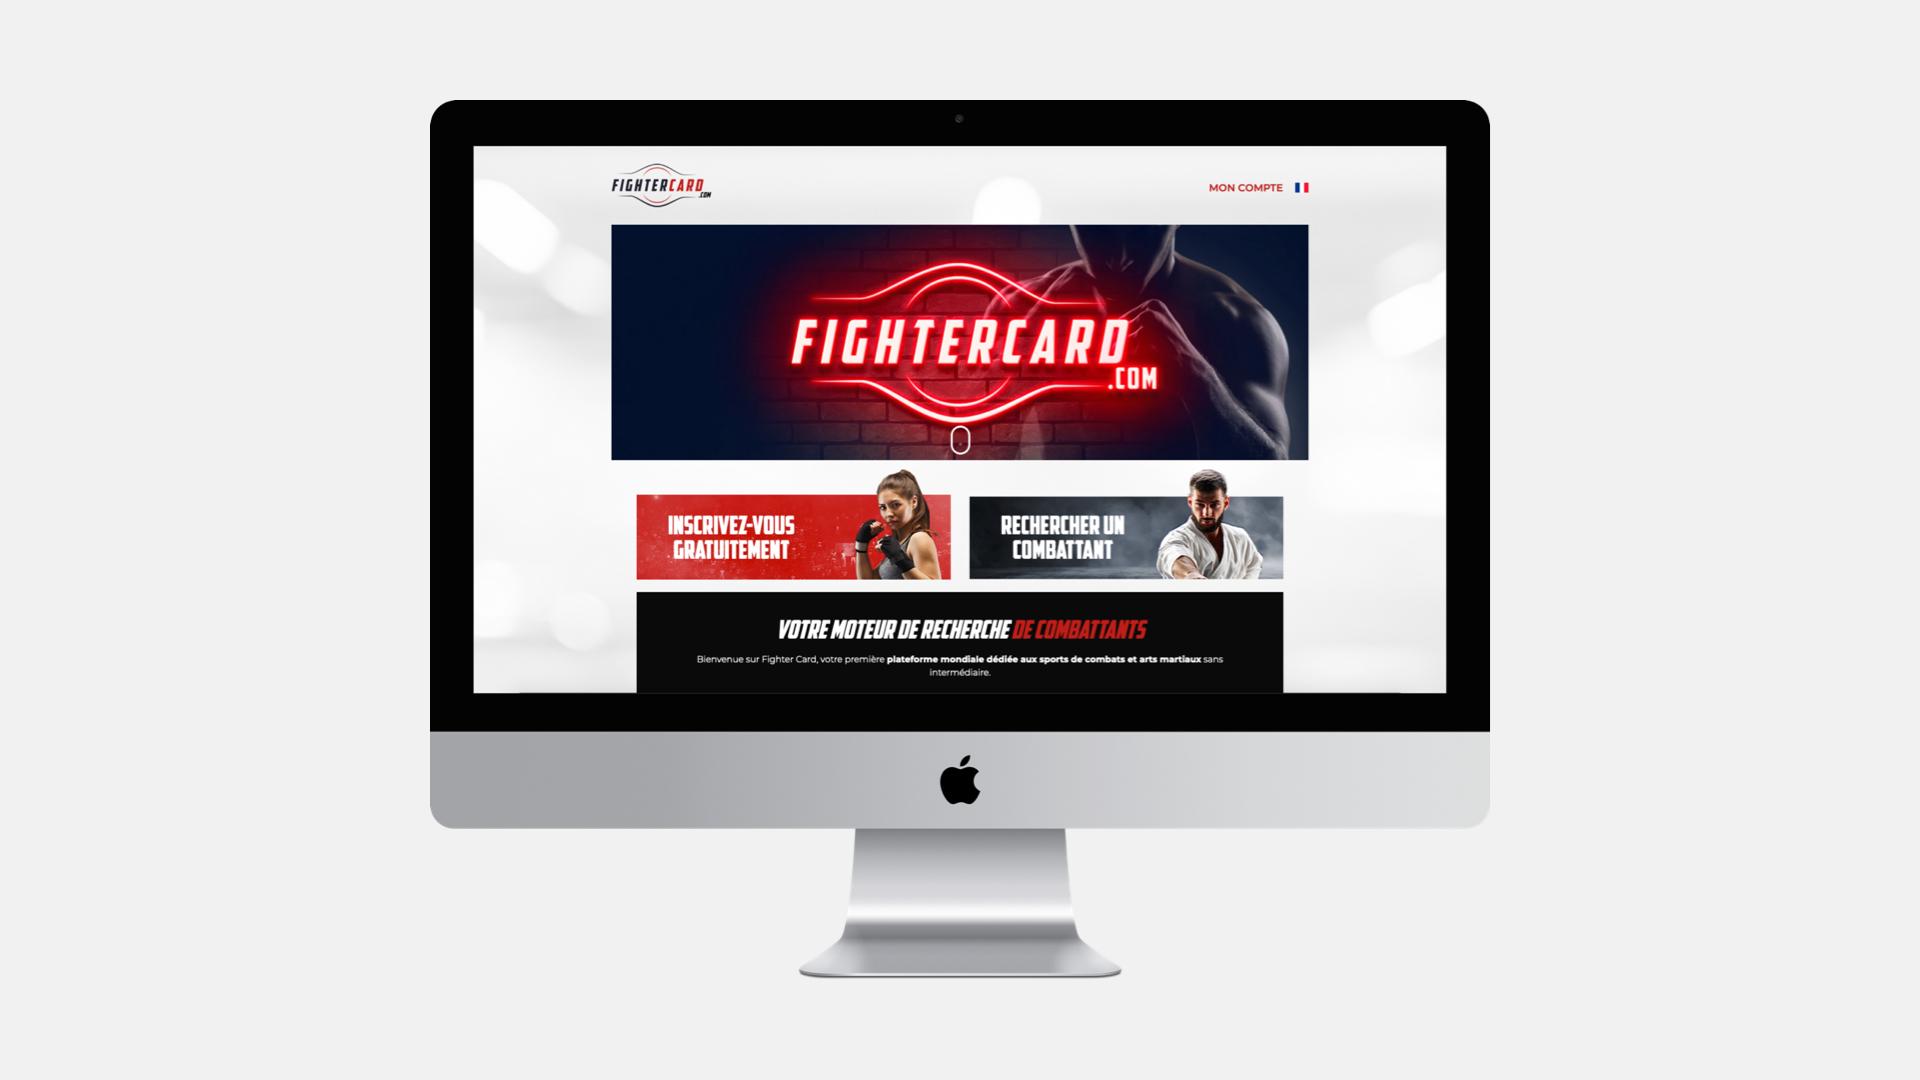 fightercard-plateforme-recherche-combattant-sur-mesure-developpeur-freelance-bordeaux-1